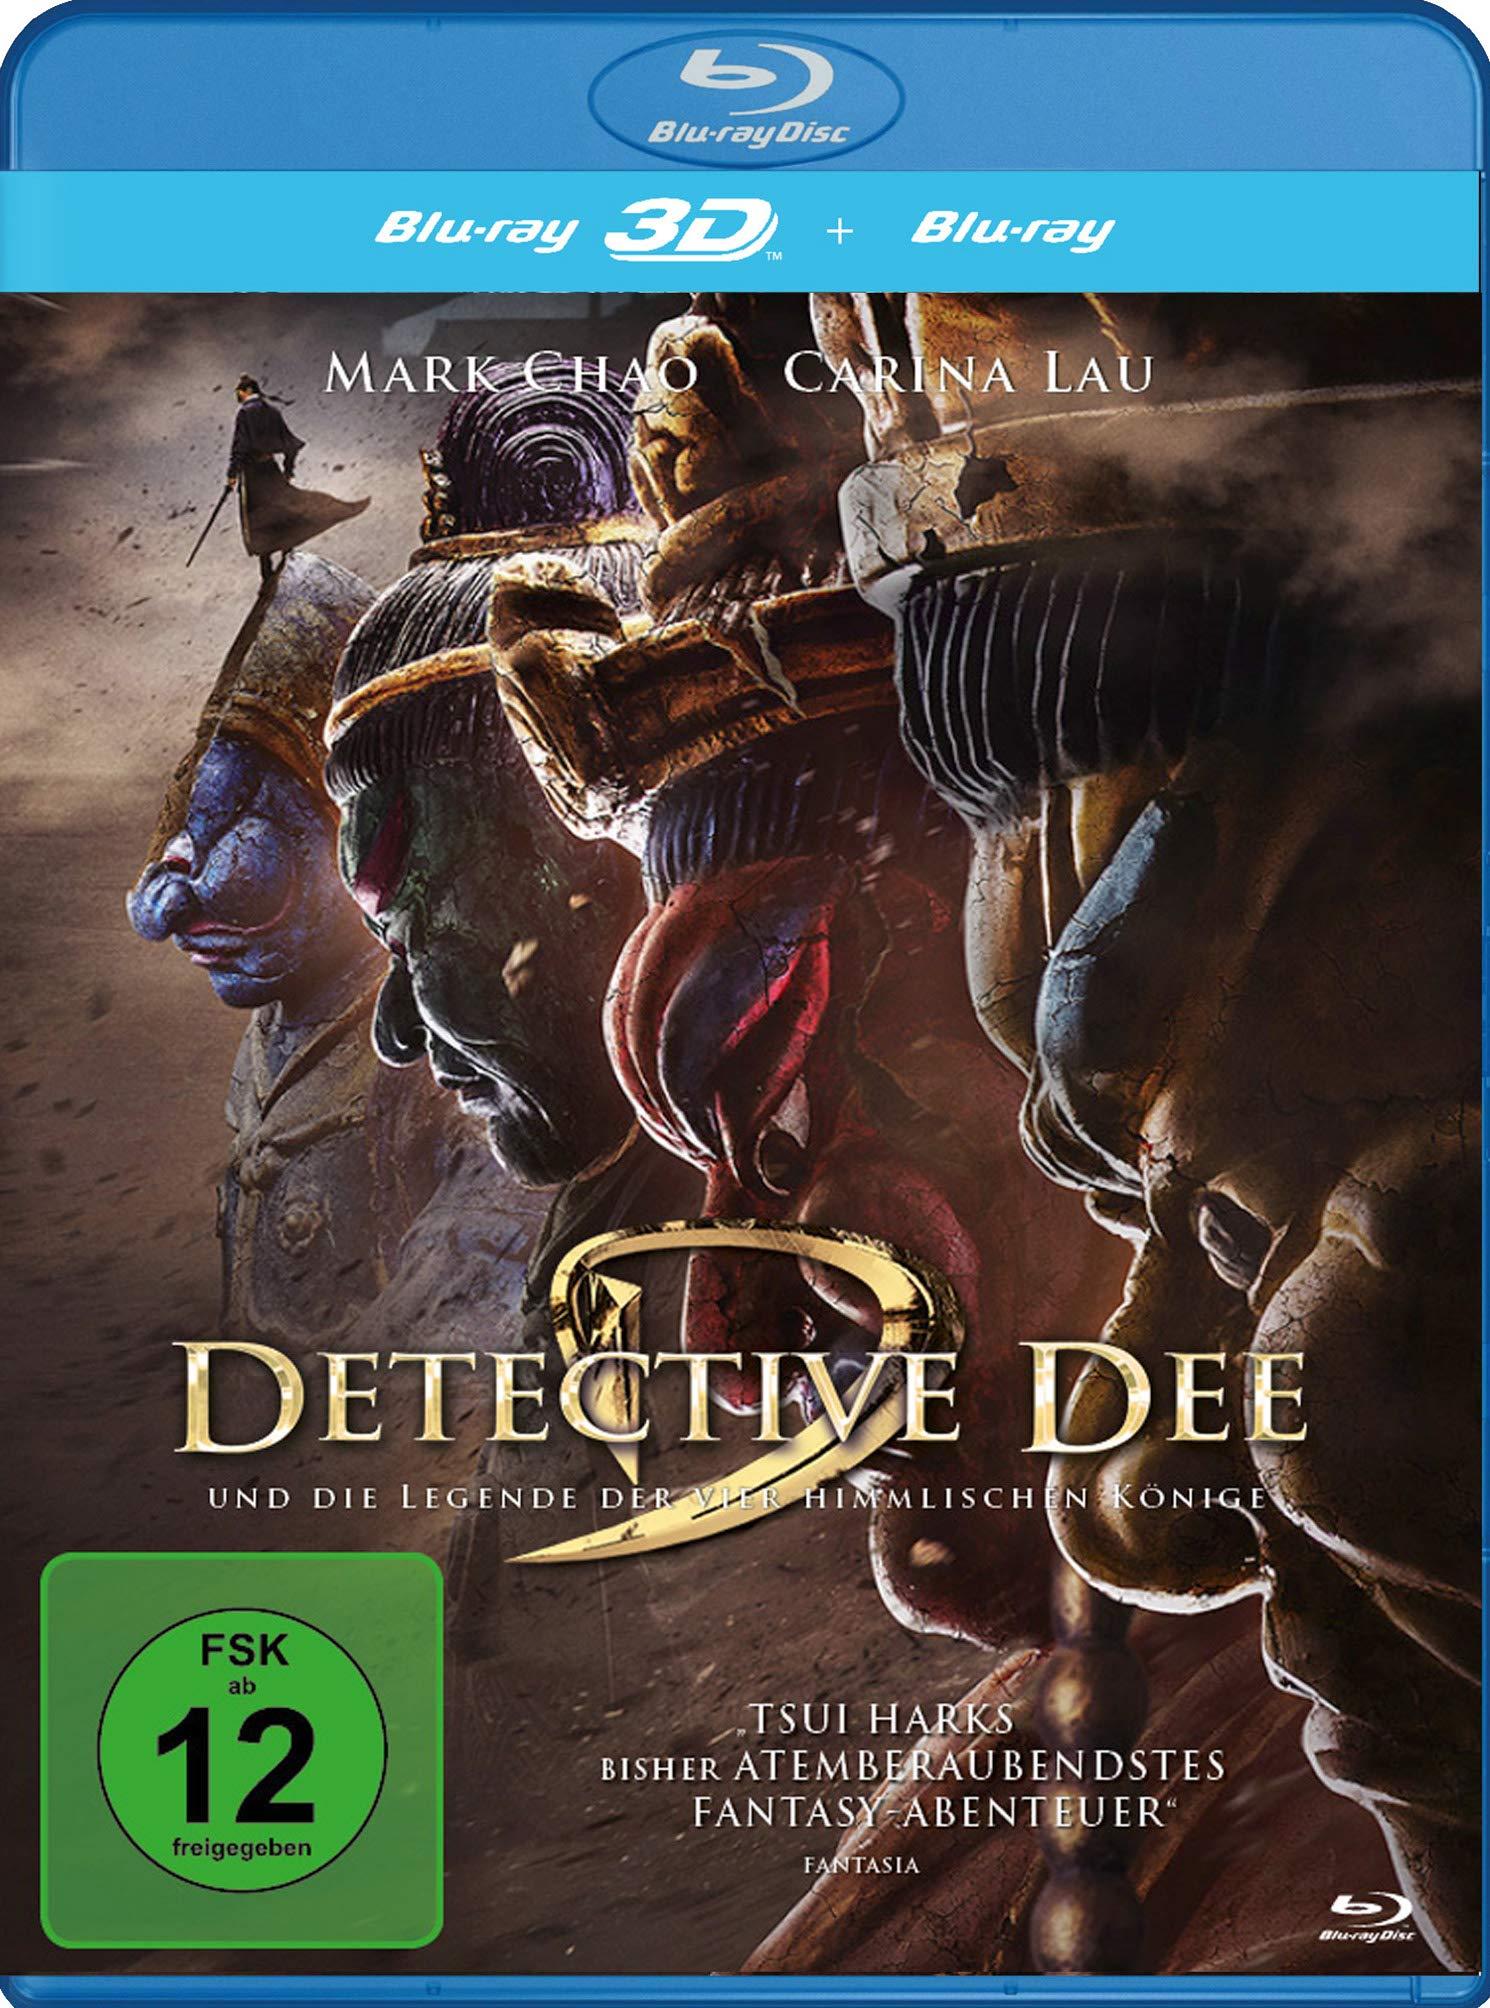 Detective.Dee.und.die.Legende.der.vier.himmlischen.Koenige.3D.2018.German.1080p.BluRay.x264-BluRay3D